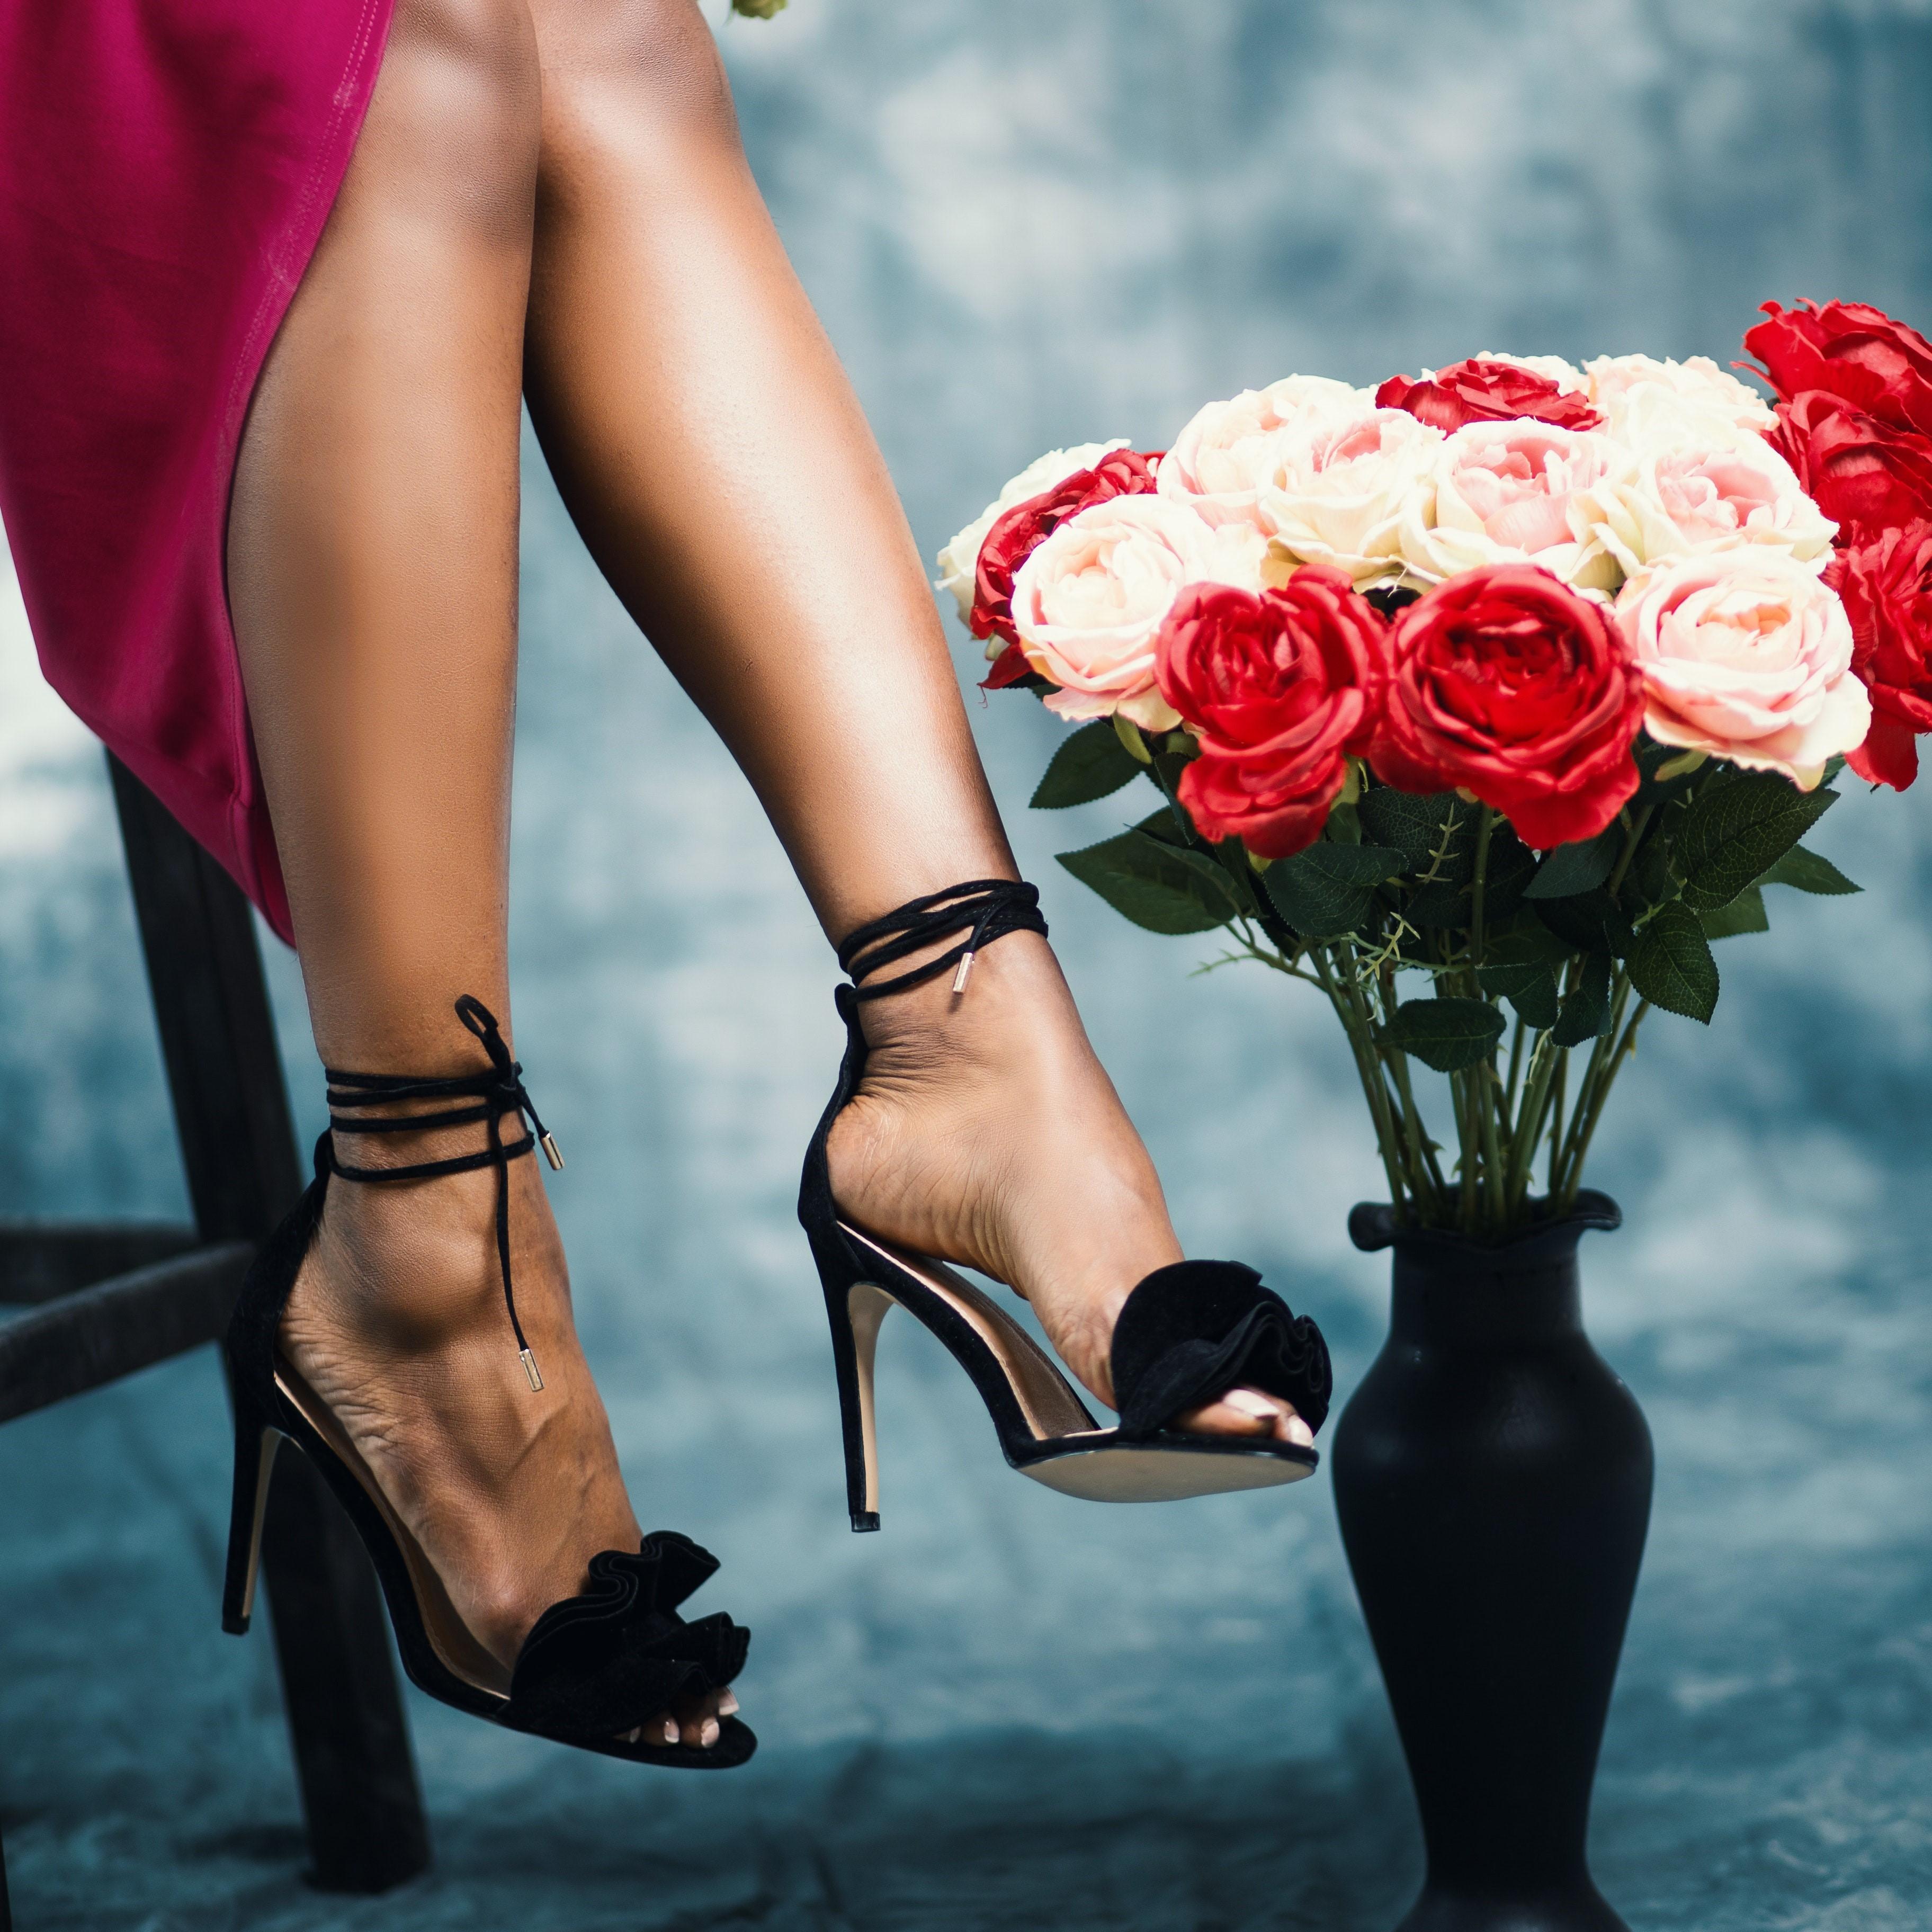 女性の脚とバラ